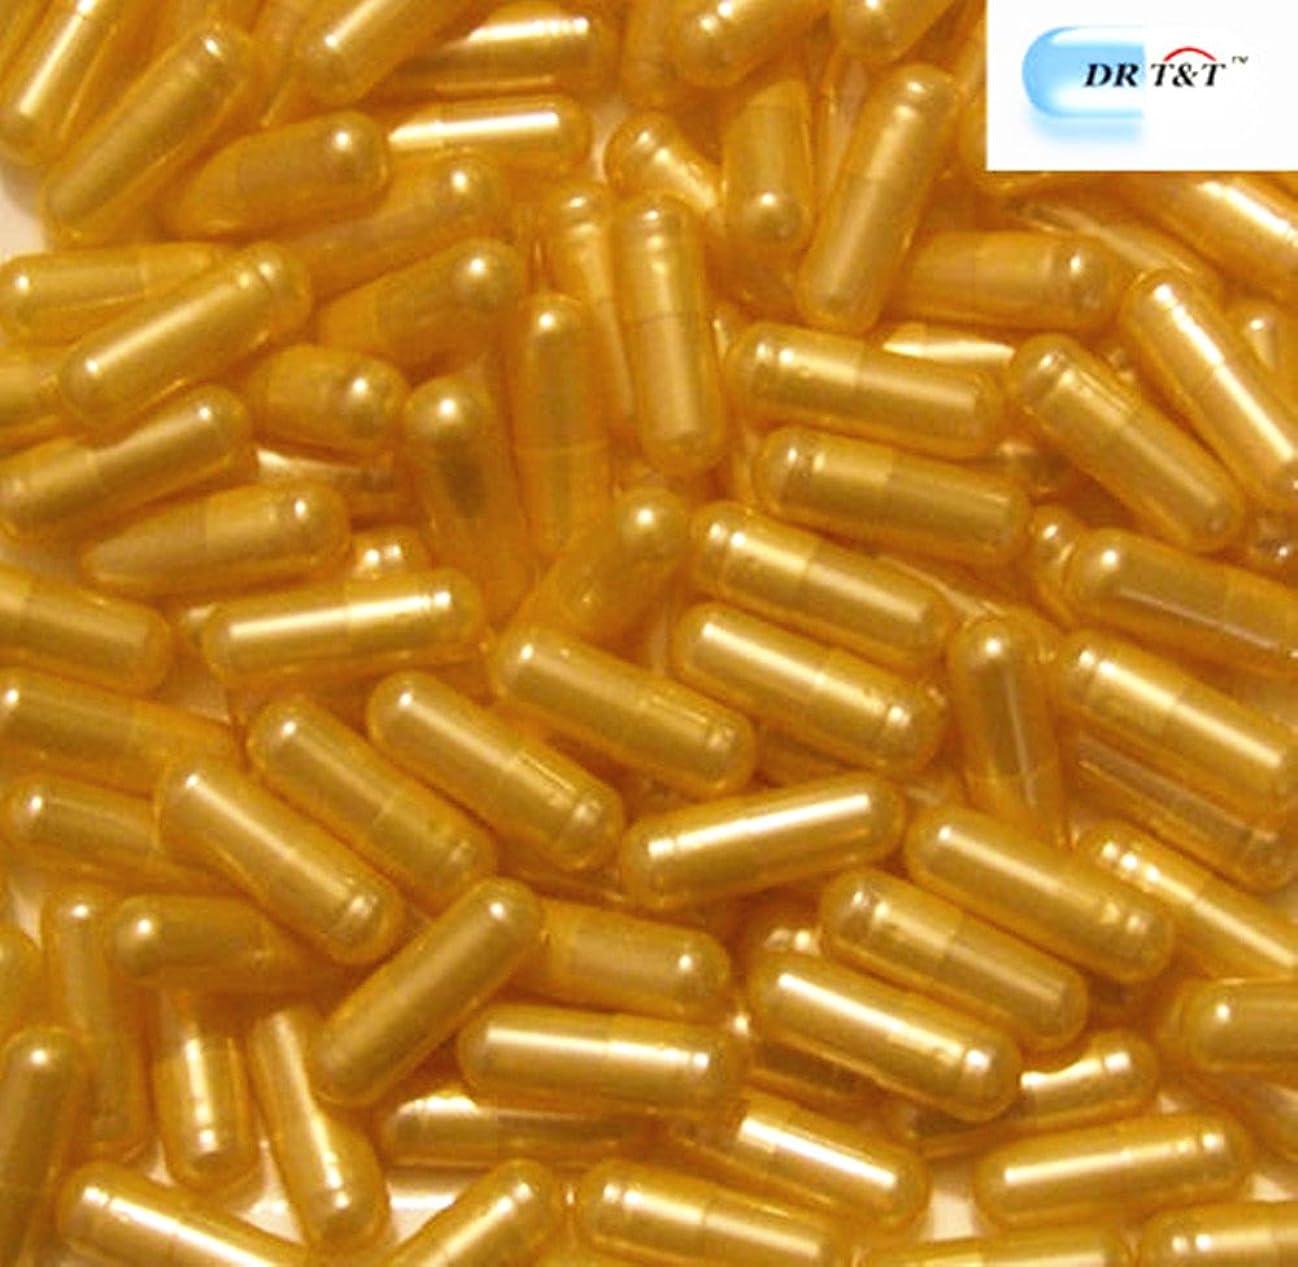 扱うピアノチューインガムDR T&T 連体カプセル gelatine ゼラチン(空カプセル?ゼラチンフリー) 00号 黄色のゴールデン 1000個 EU製品